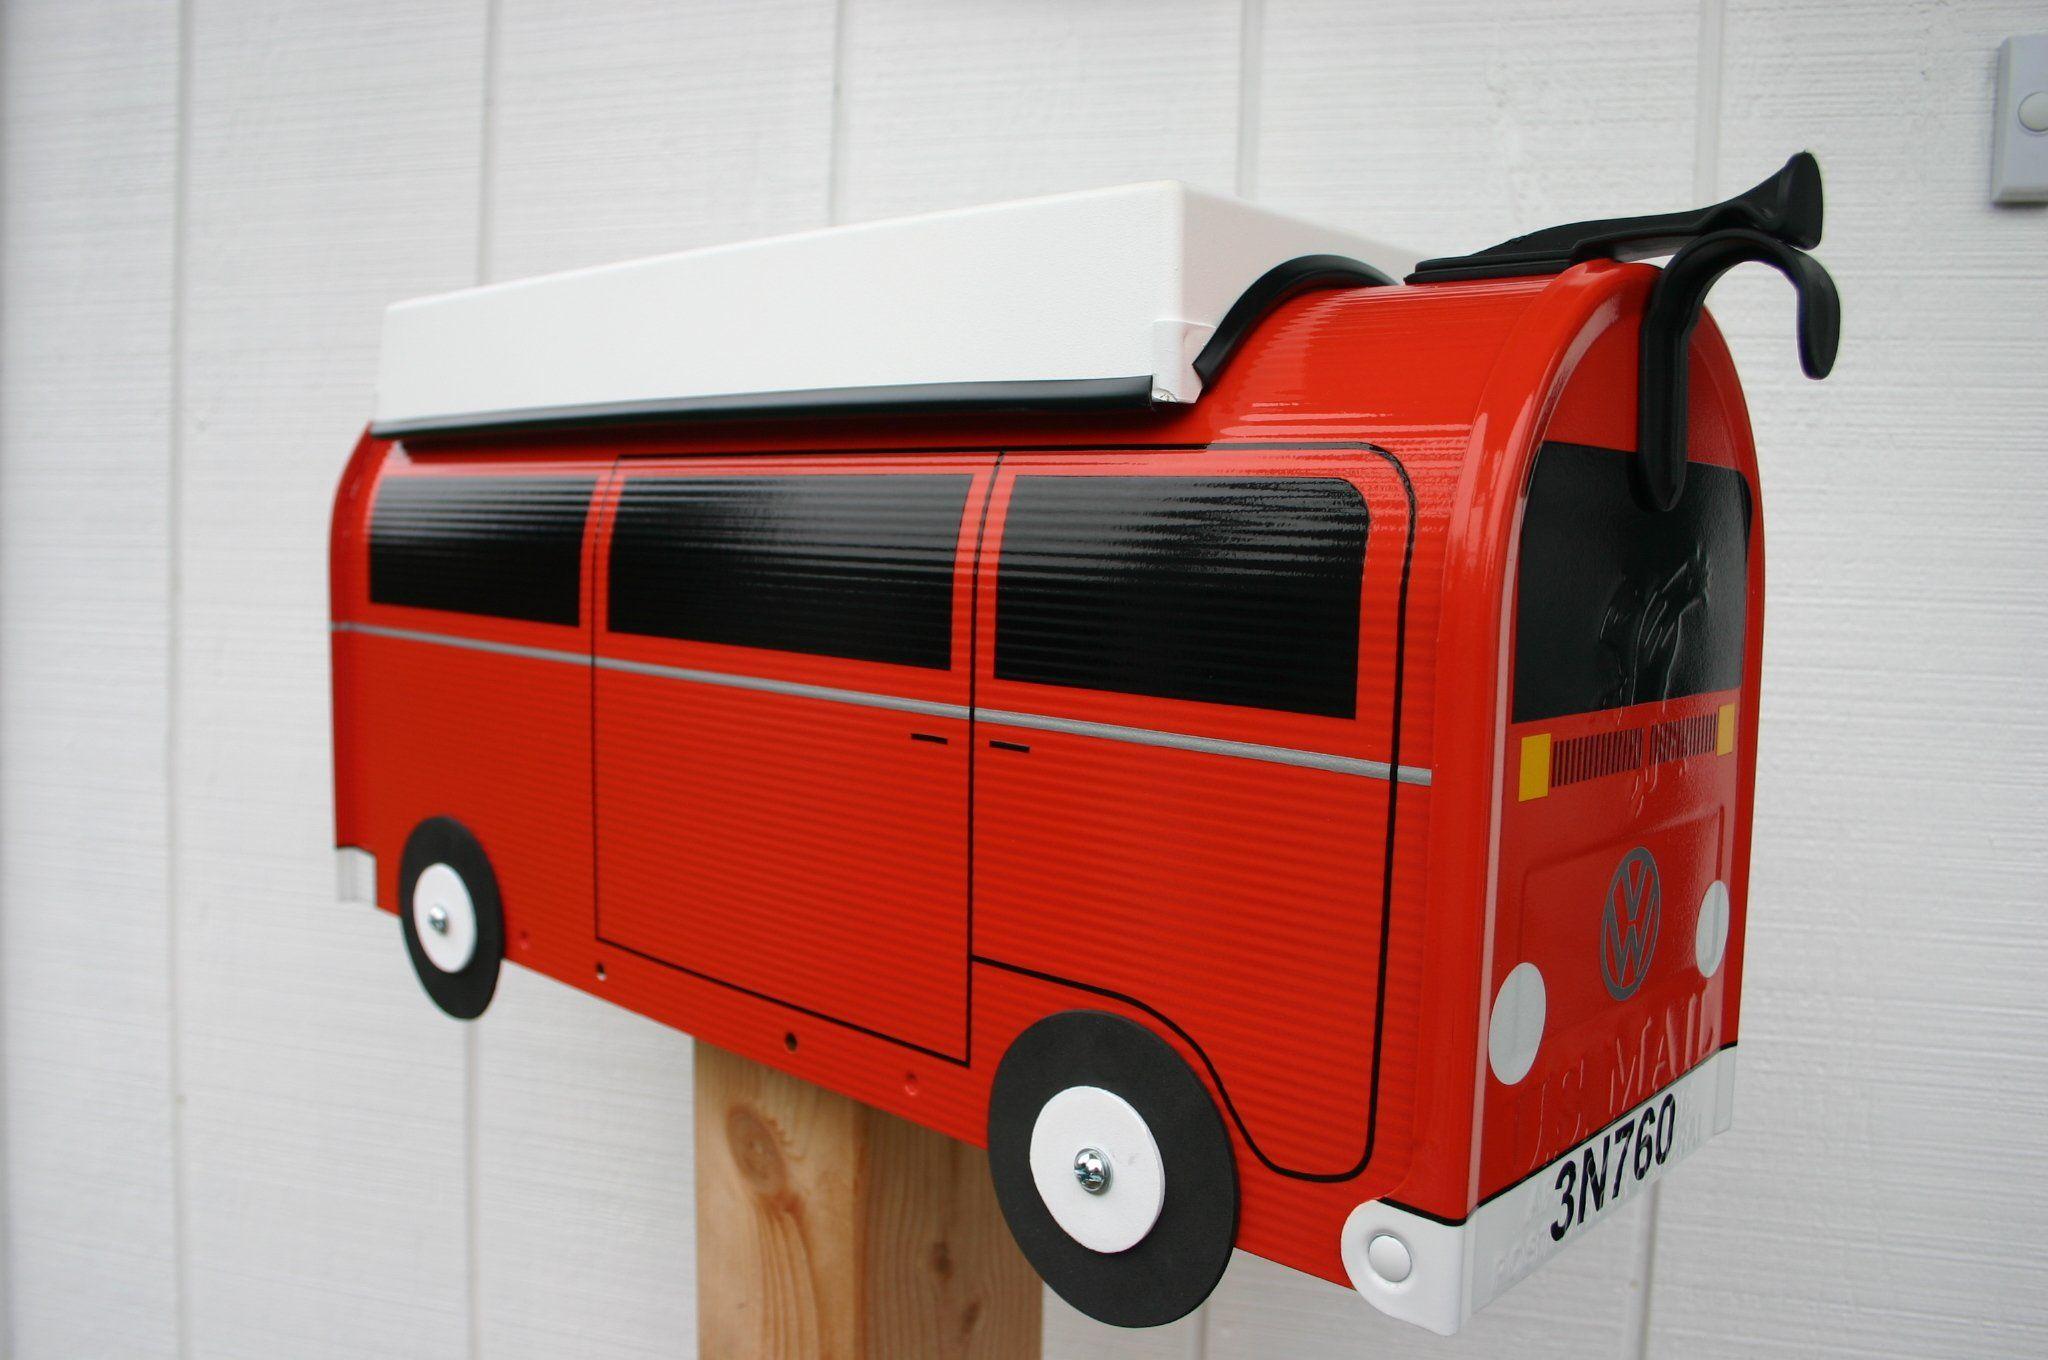 on motors beetles car vw camper bus volkswagen morgan creating pin derosier metal campers future sheet pinterest my by tin dream